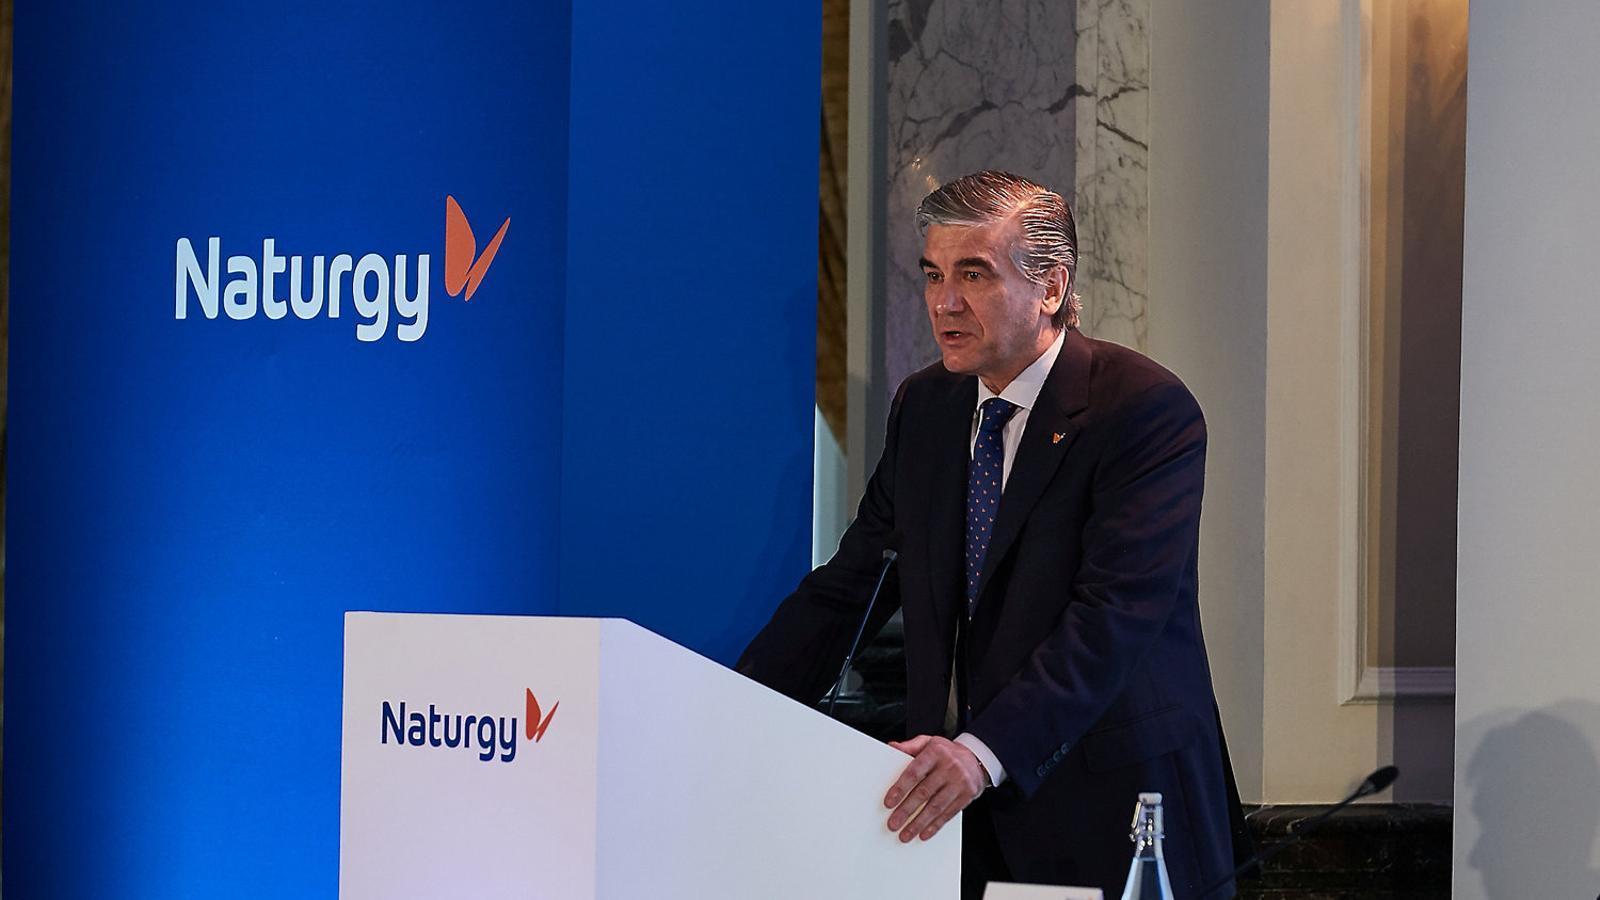 Naturgy substitueix Gas Natural Fenosa com a marca de la companyia energètica per afrontar els nous reptes